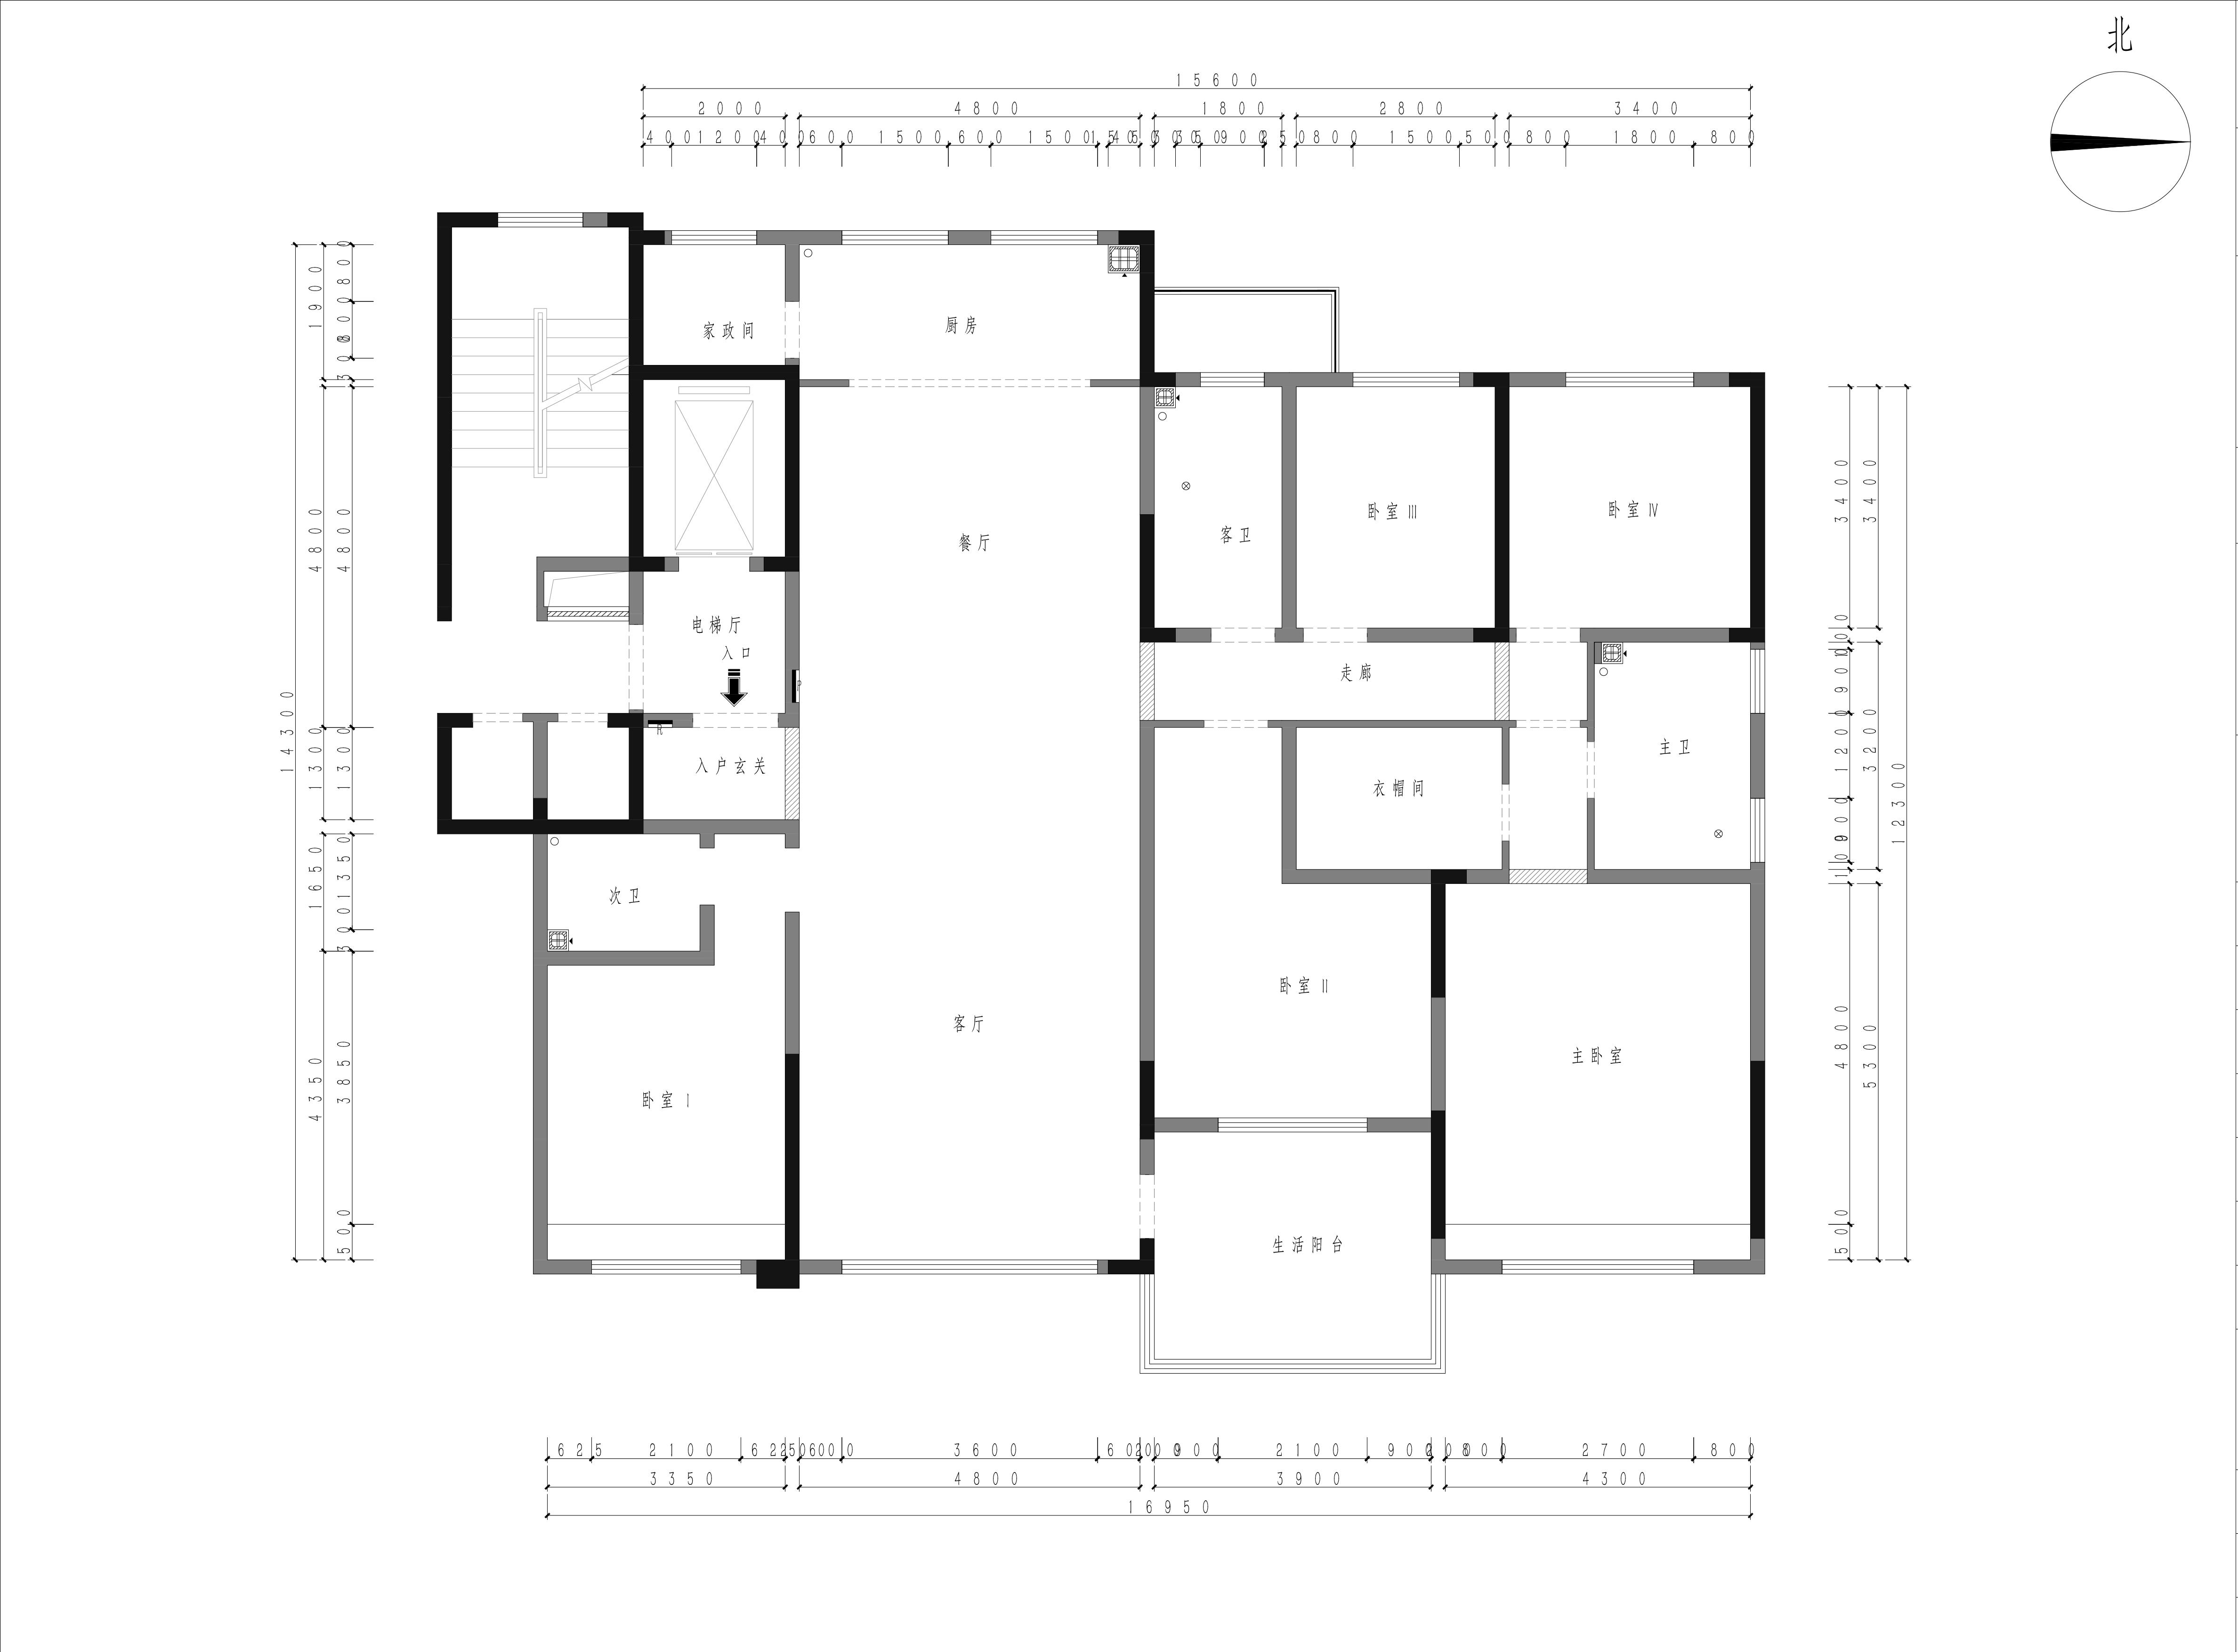 盛隆悦府 226m/2策划案例 现代简约装潢成果图装潢策划愿景